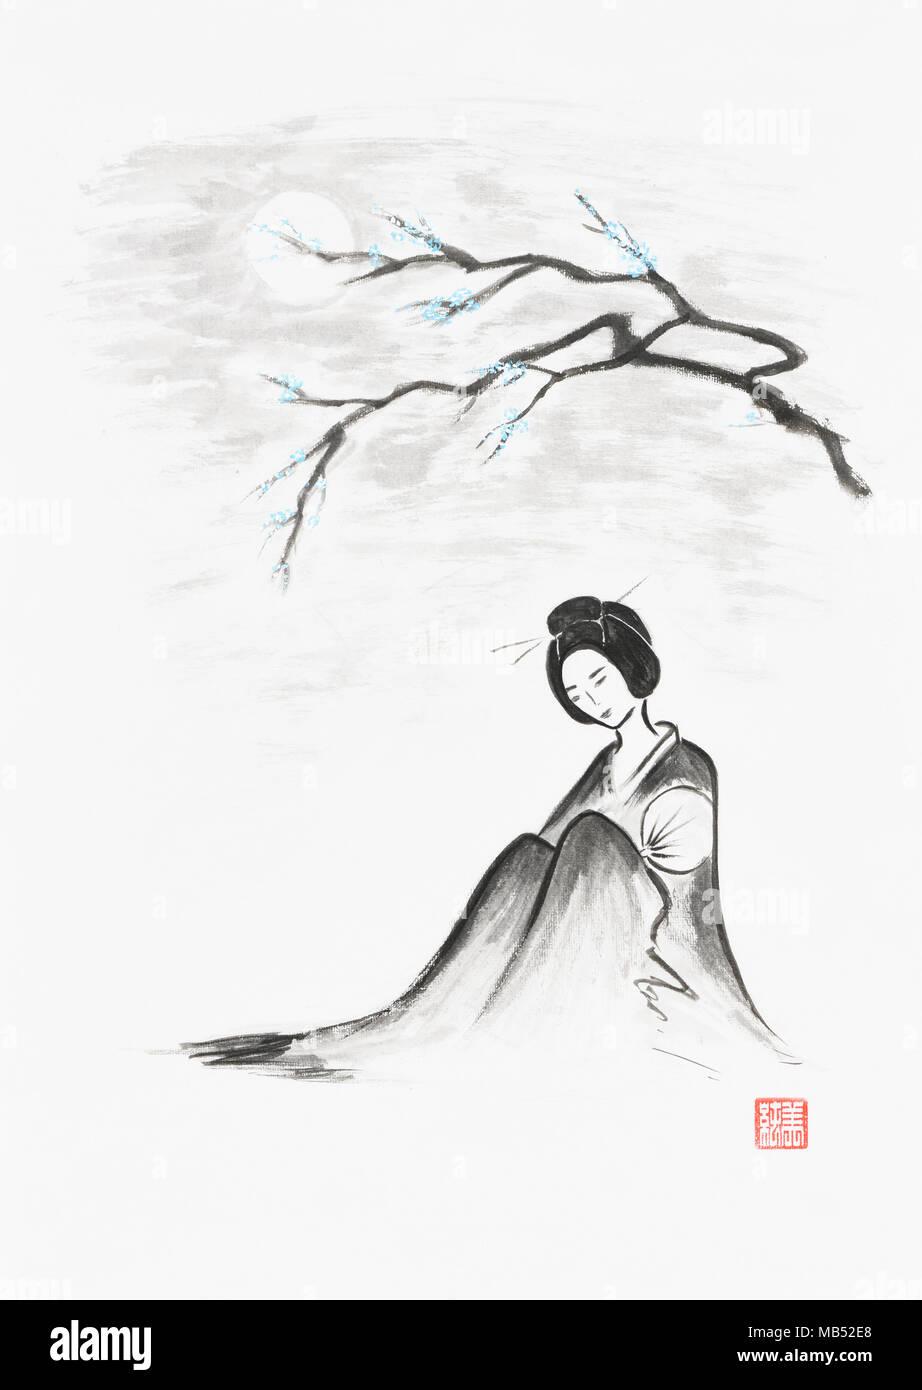 Belle geisha assise sous la direction artistique de sakura, illustration, Sumi-e Zen japonais peinture d'encre sur papier de riz Photo Stock